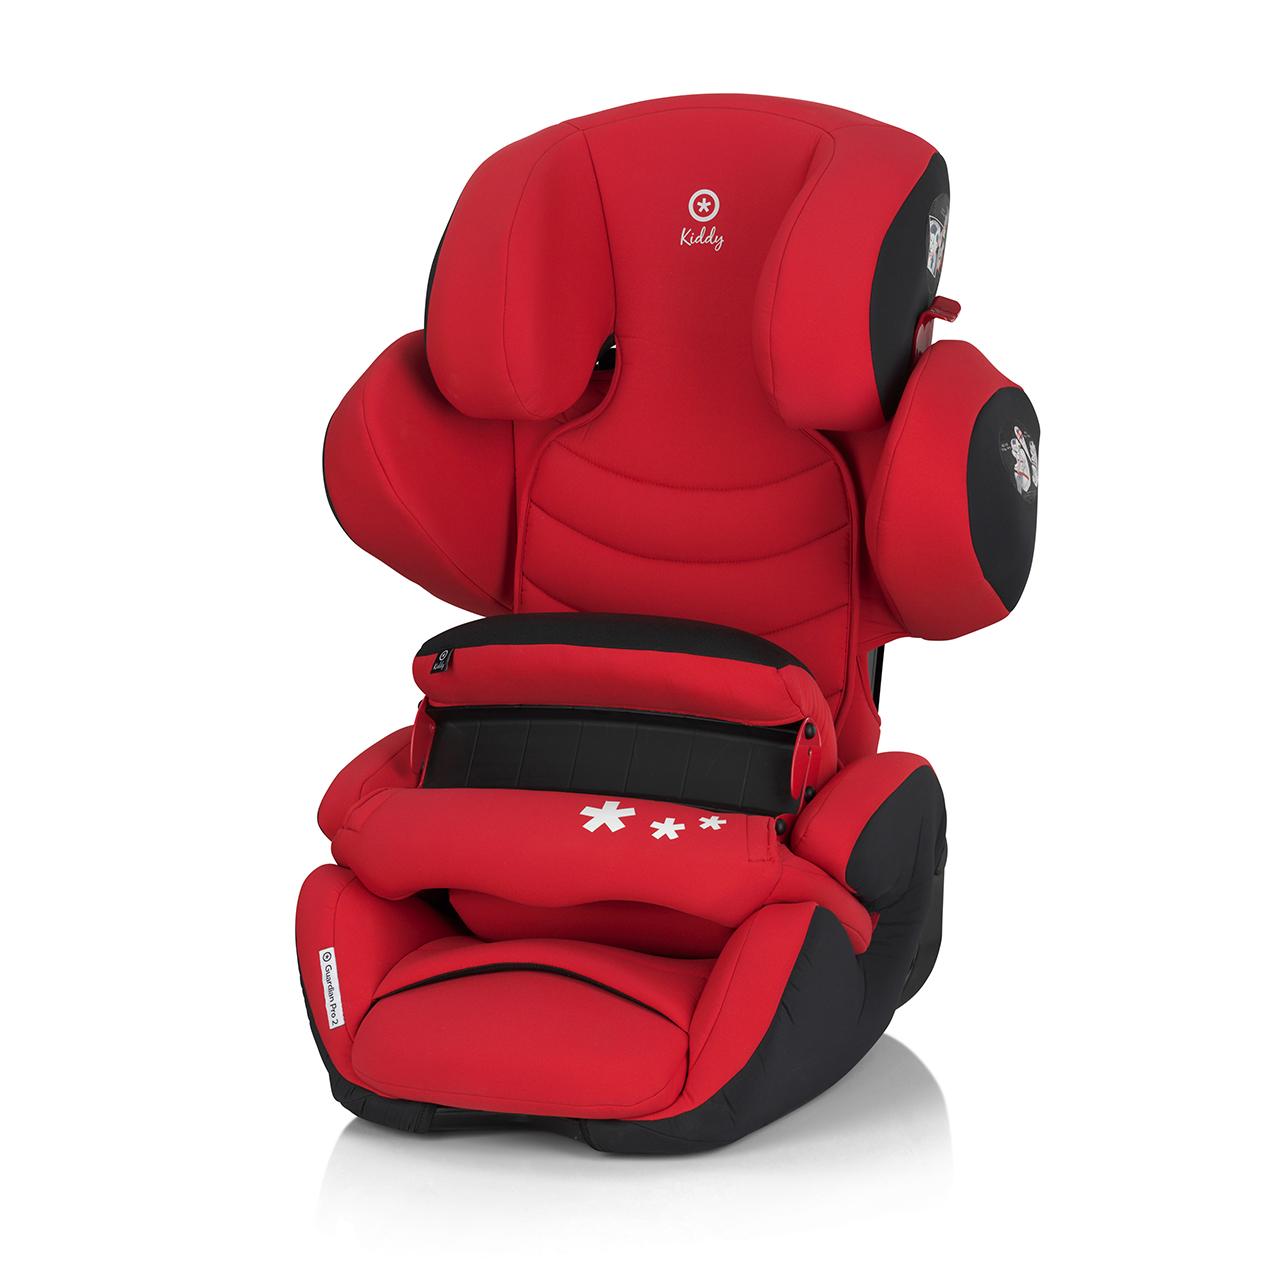 奇帝kiddy可調式汽車安全座椅-辣椒紅 加贈奇帝冷暖坐墊